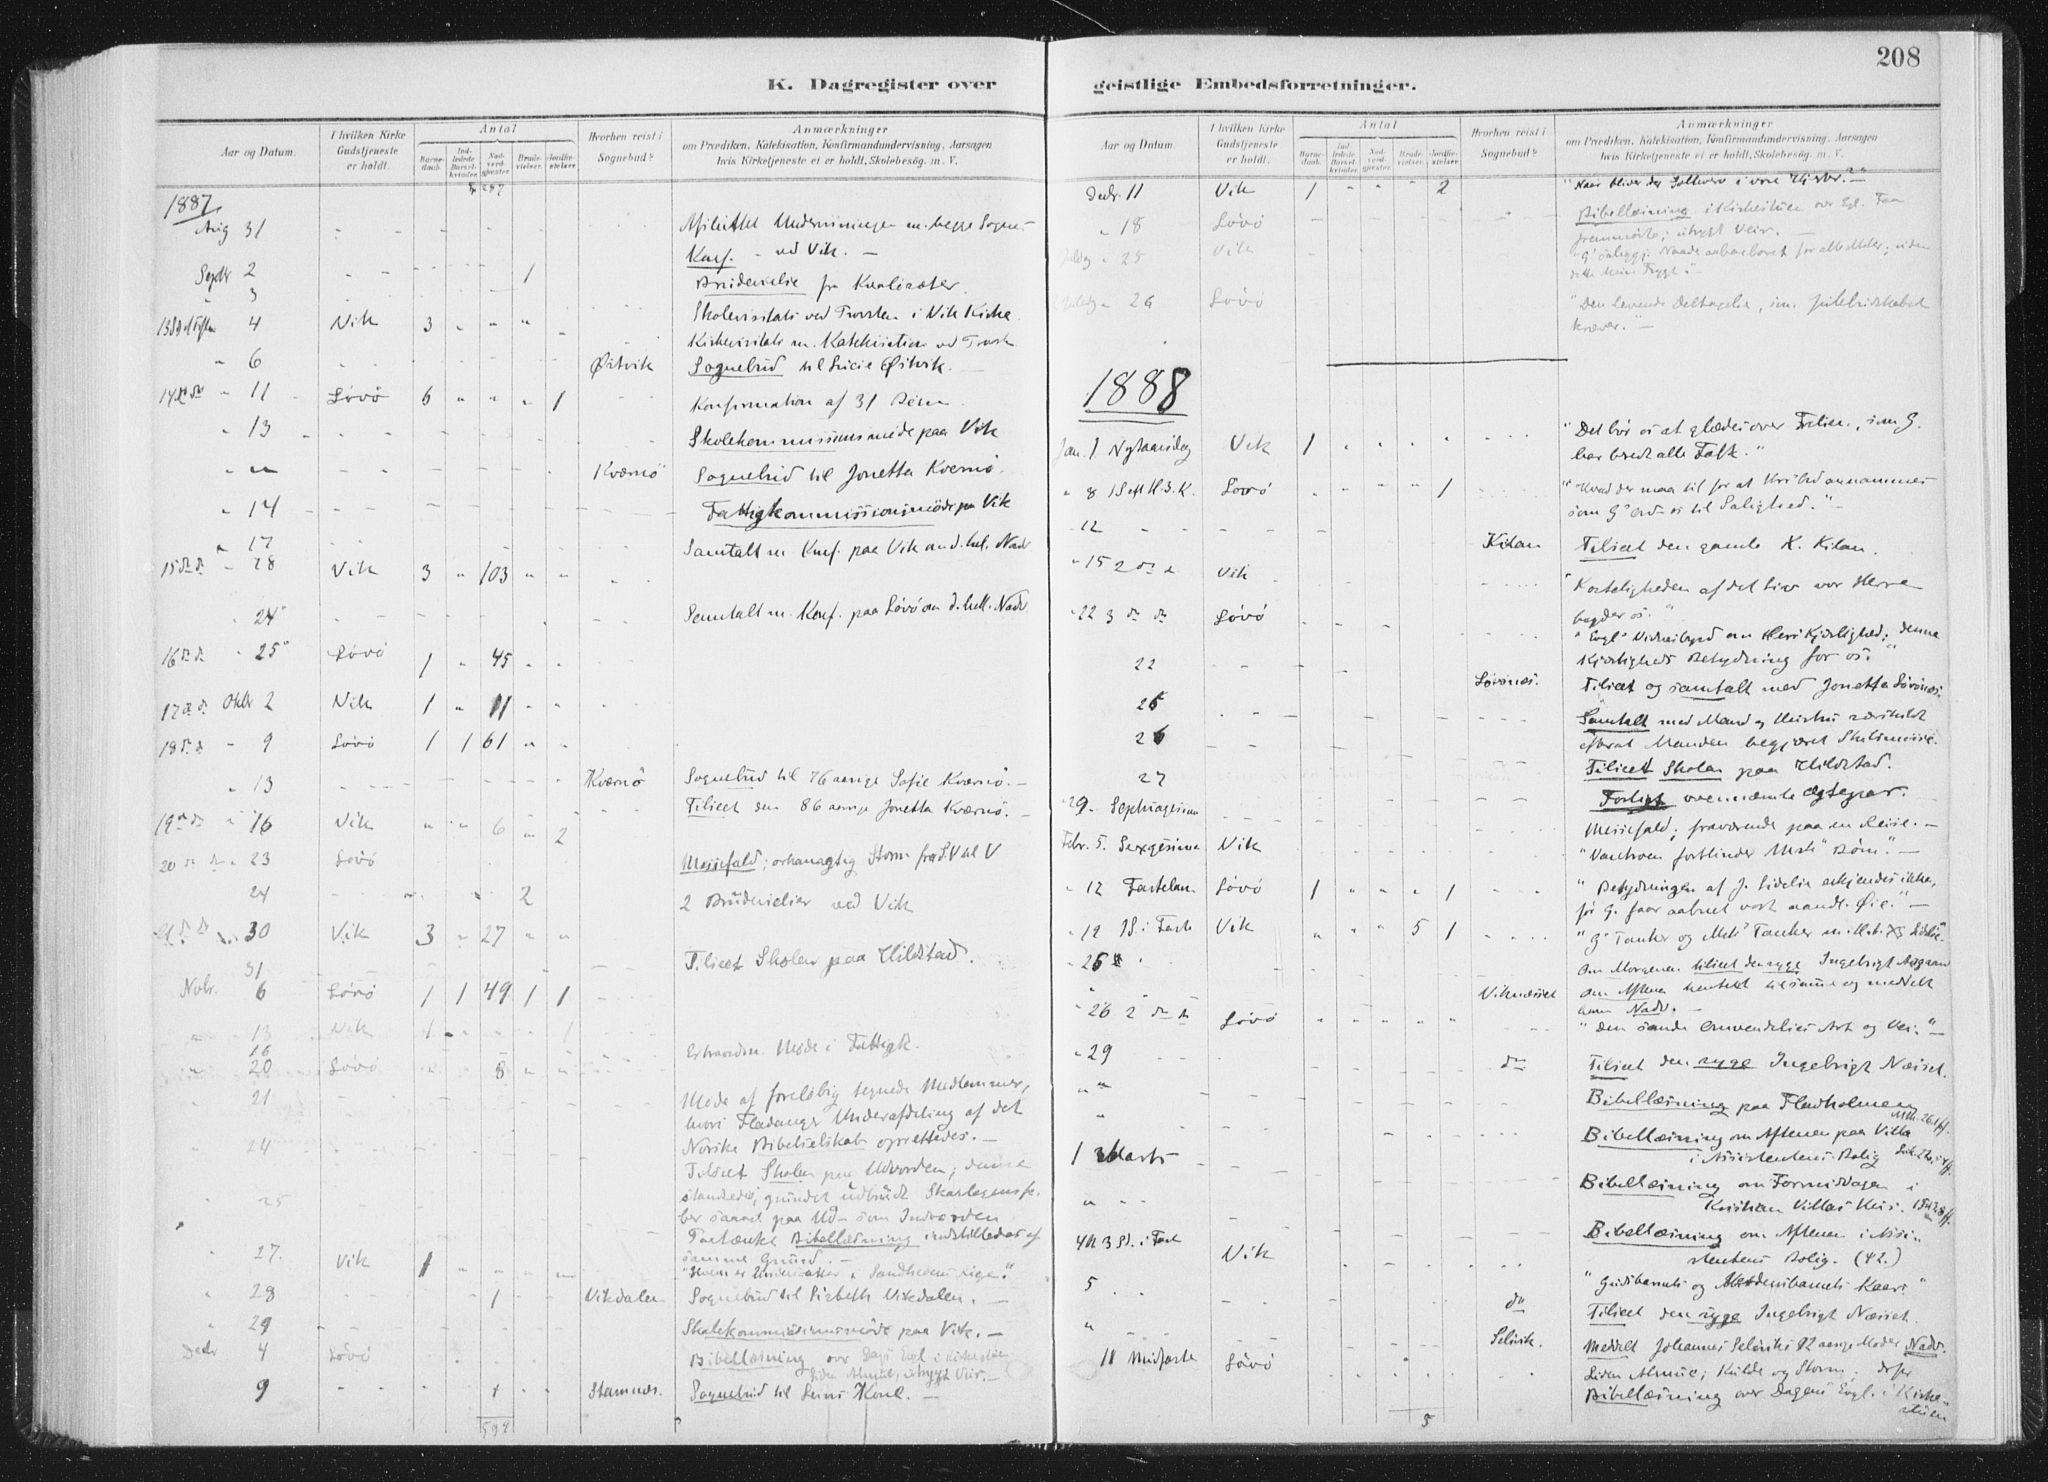 SAT, Ministerialprotokoller, klokkerbøker og fødselsregistre - Nord-Trøndelag, 771/L0597: Ministerialbok nr. 771A04, 1885-1910, s. 208